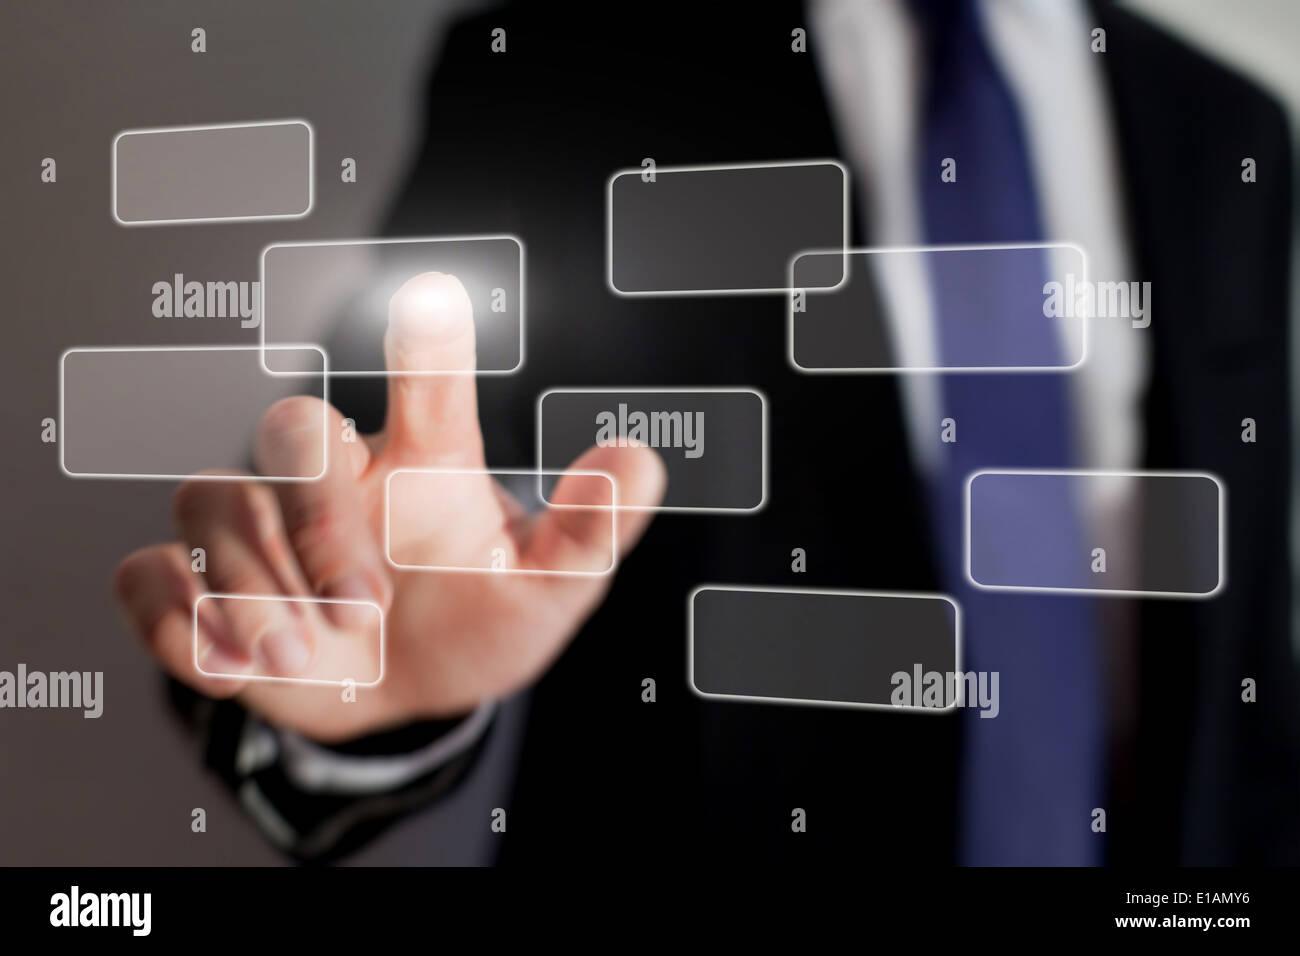 Tecnología de interfaz de pantalla táctil Imagen De Stock